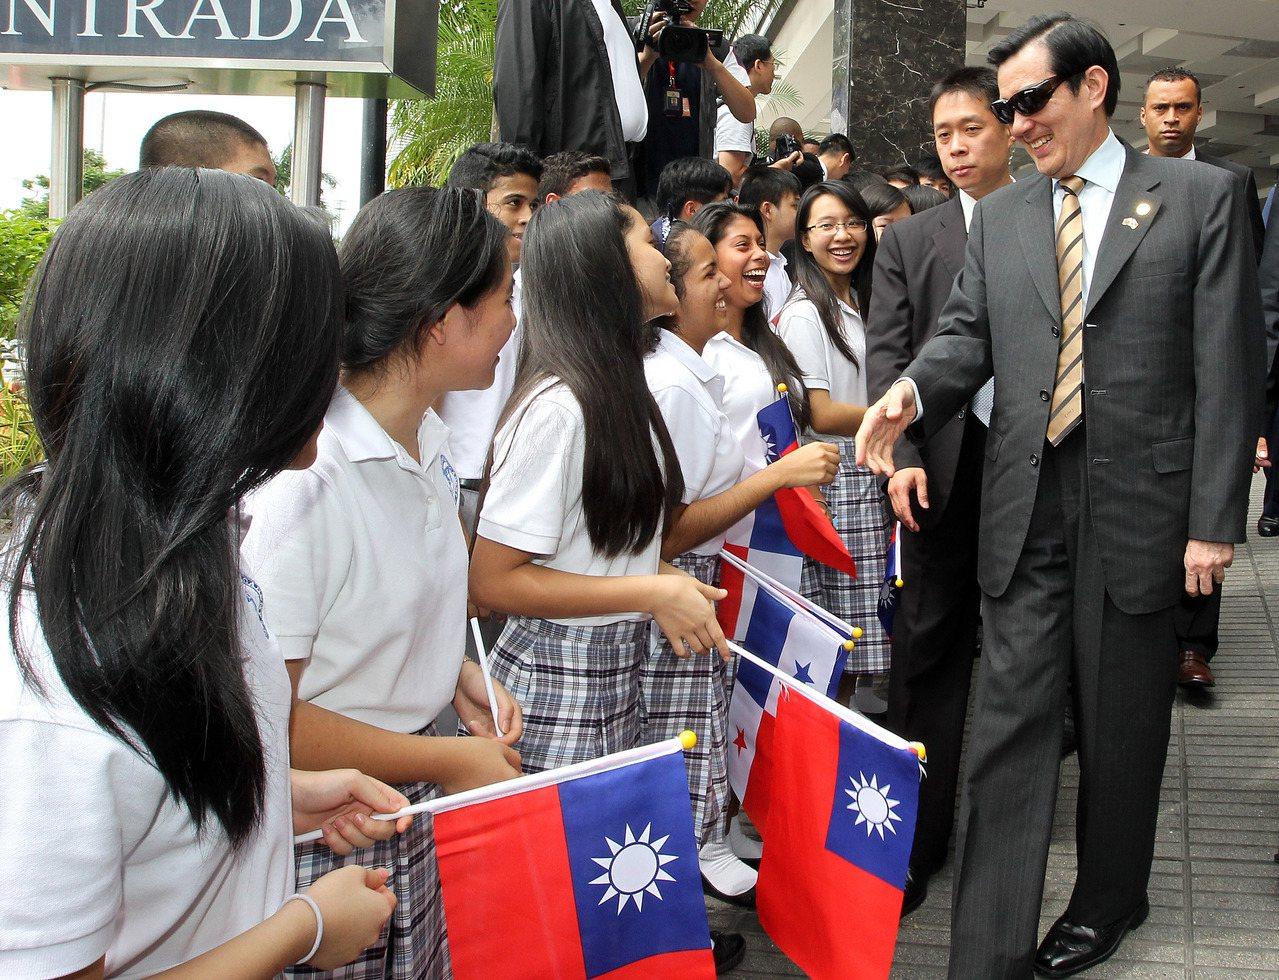 總統馬英九(前右)2014年興誼專案出訪,順利抵達巴拿馬。圖/中央社提供